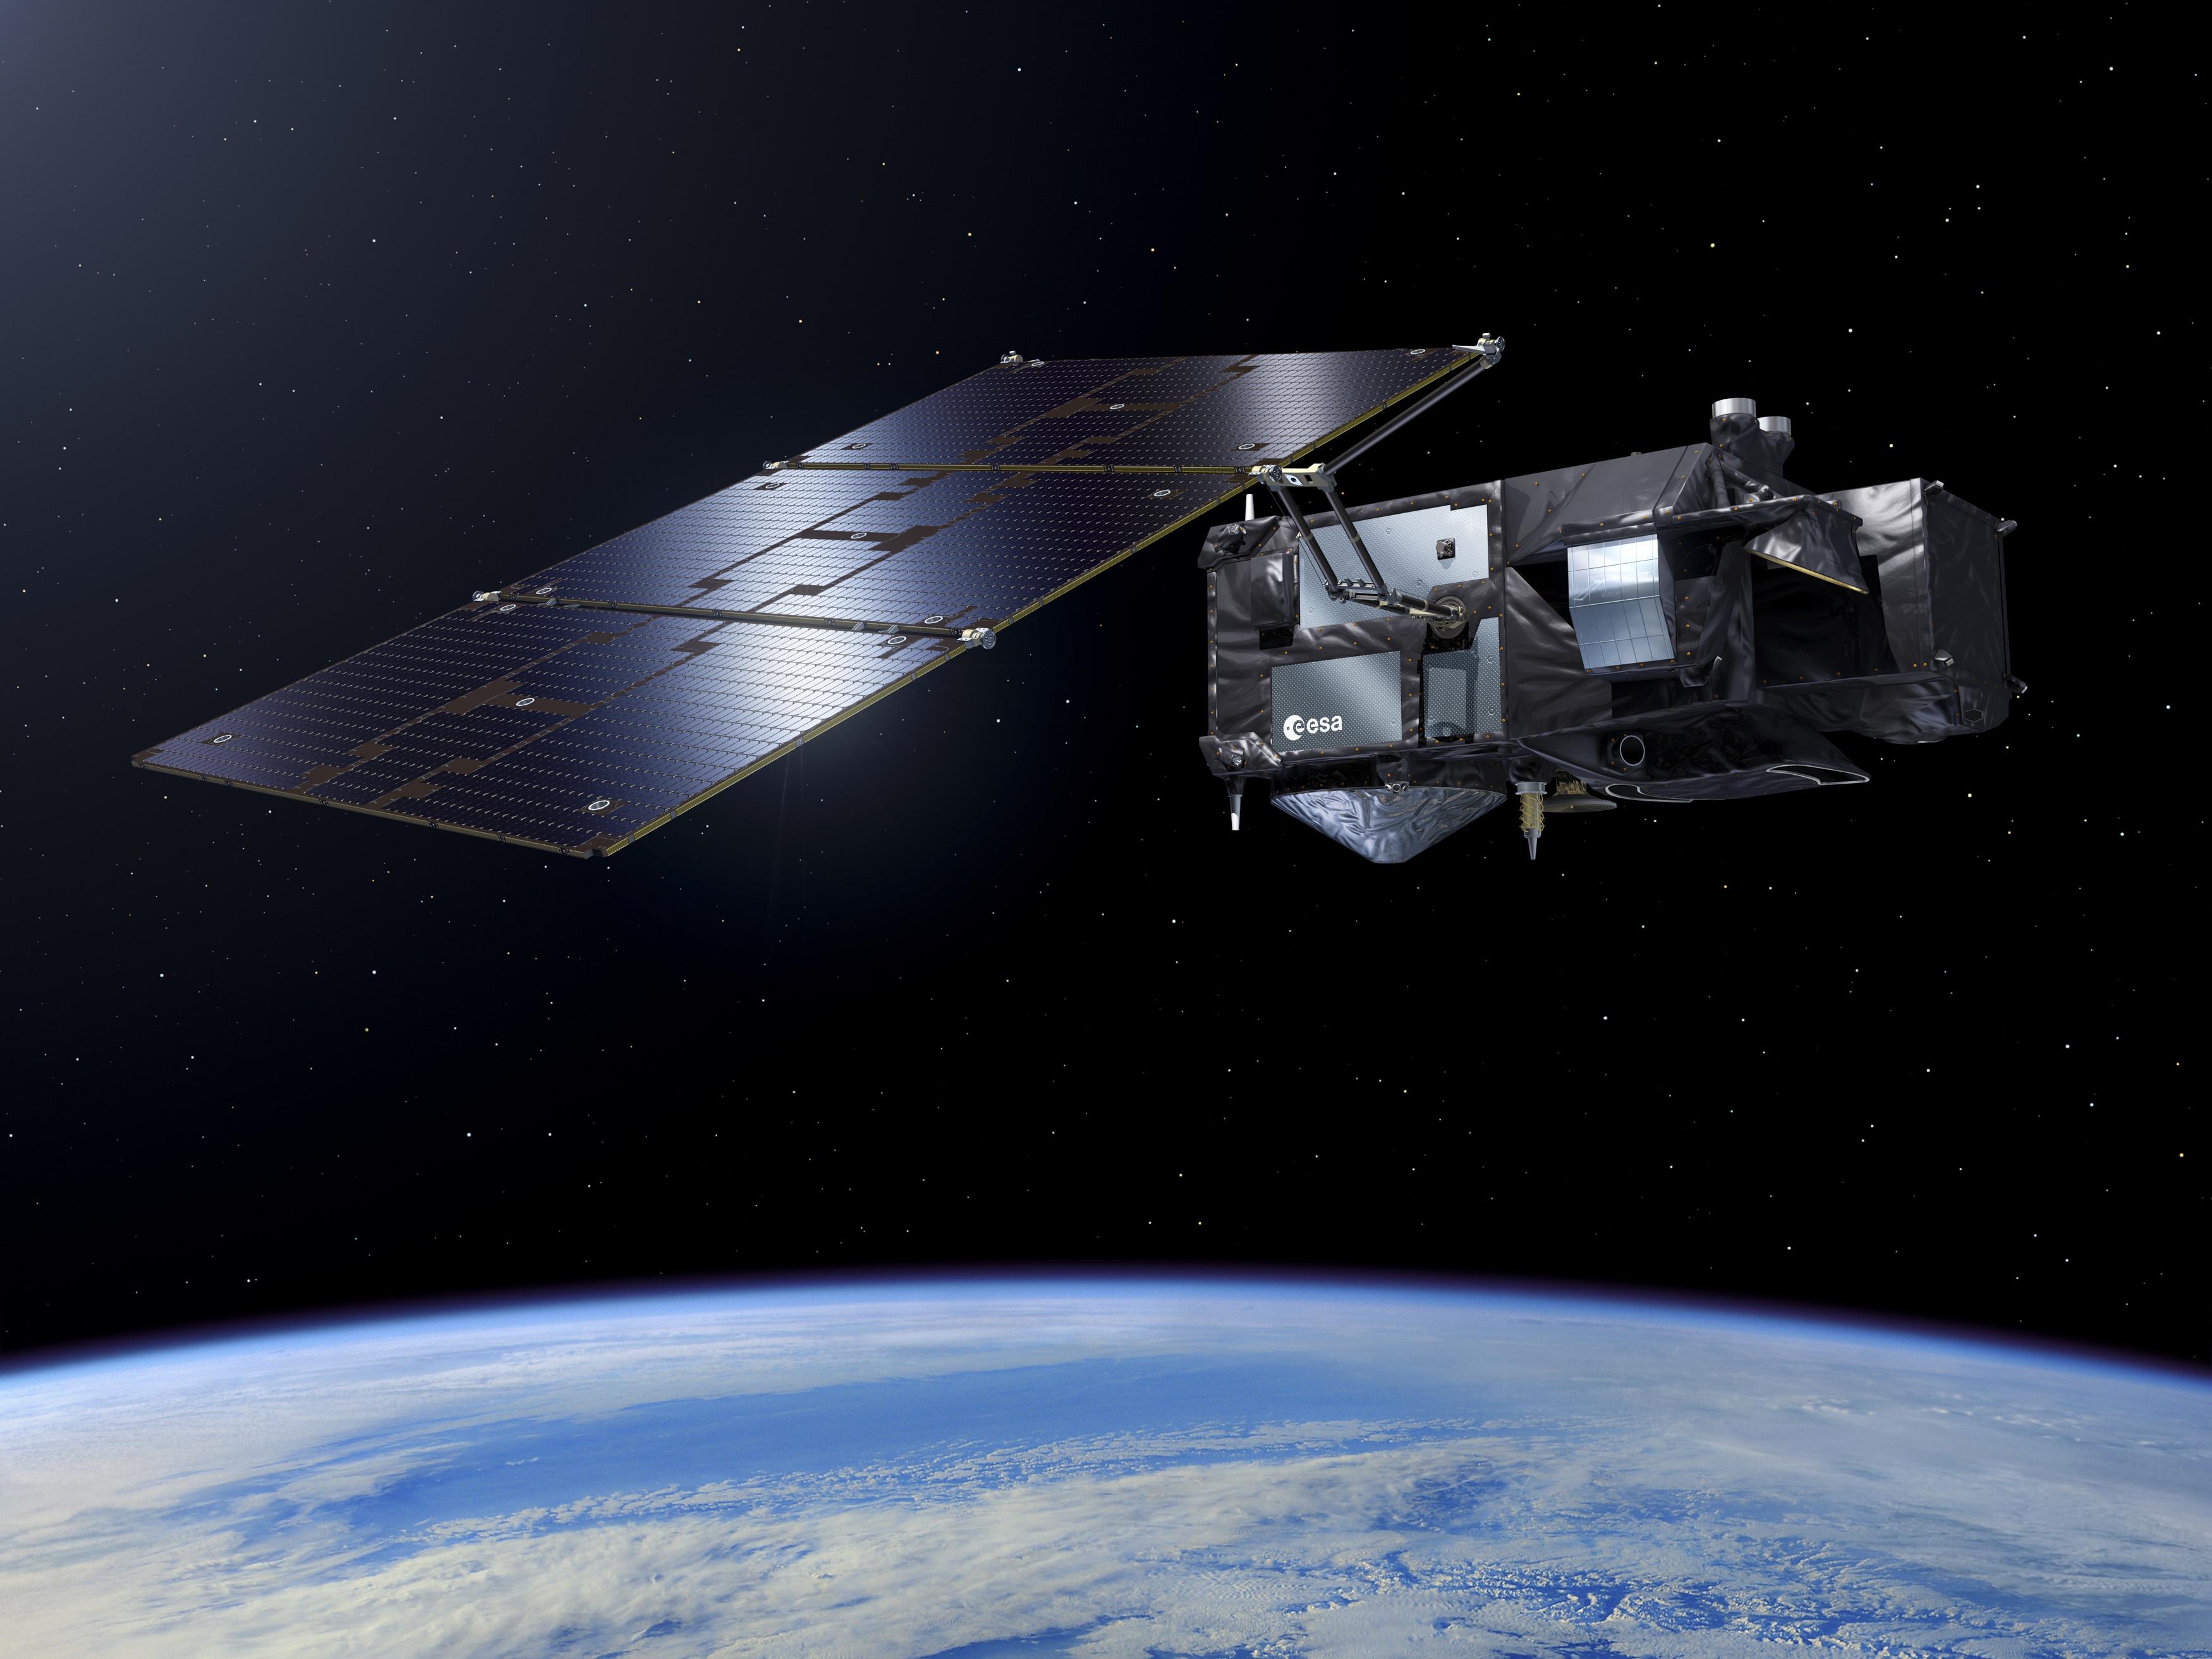 imagen de El satélite Sentinel-3 de la Agencia Espacial Europea proporciona información del nivel del mar a partir del cual se pueden derivar corrientes superficiales./ ESA